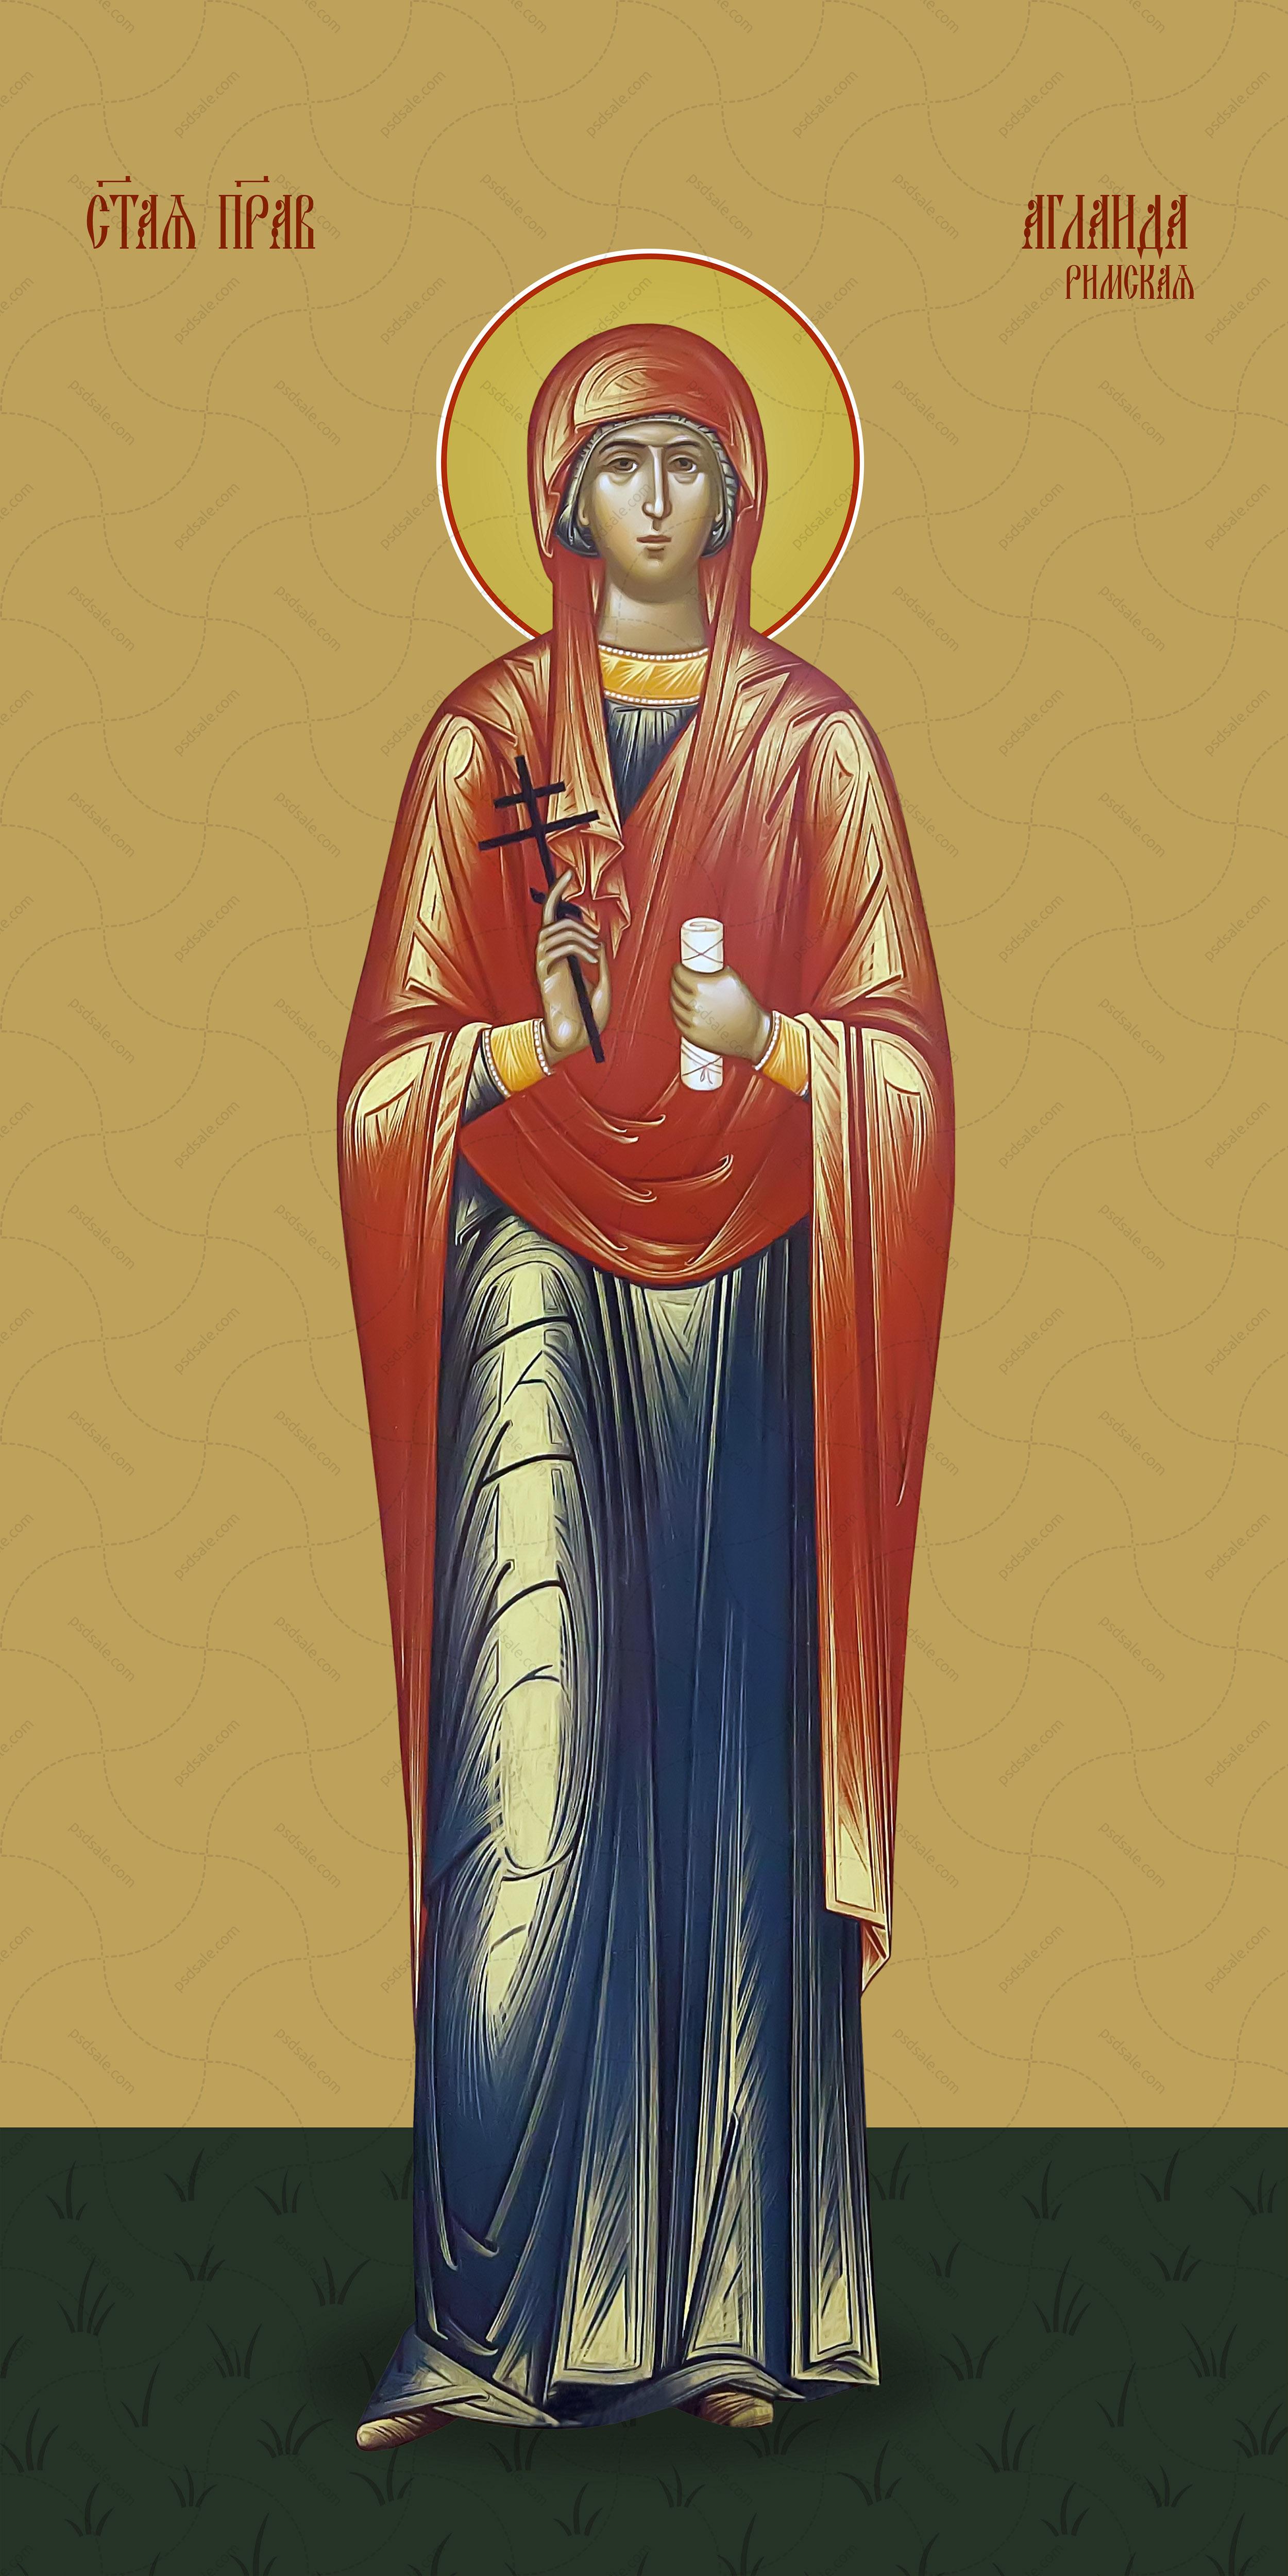 Мерная икона, Аглаида Римская, святая мученица